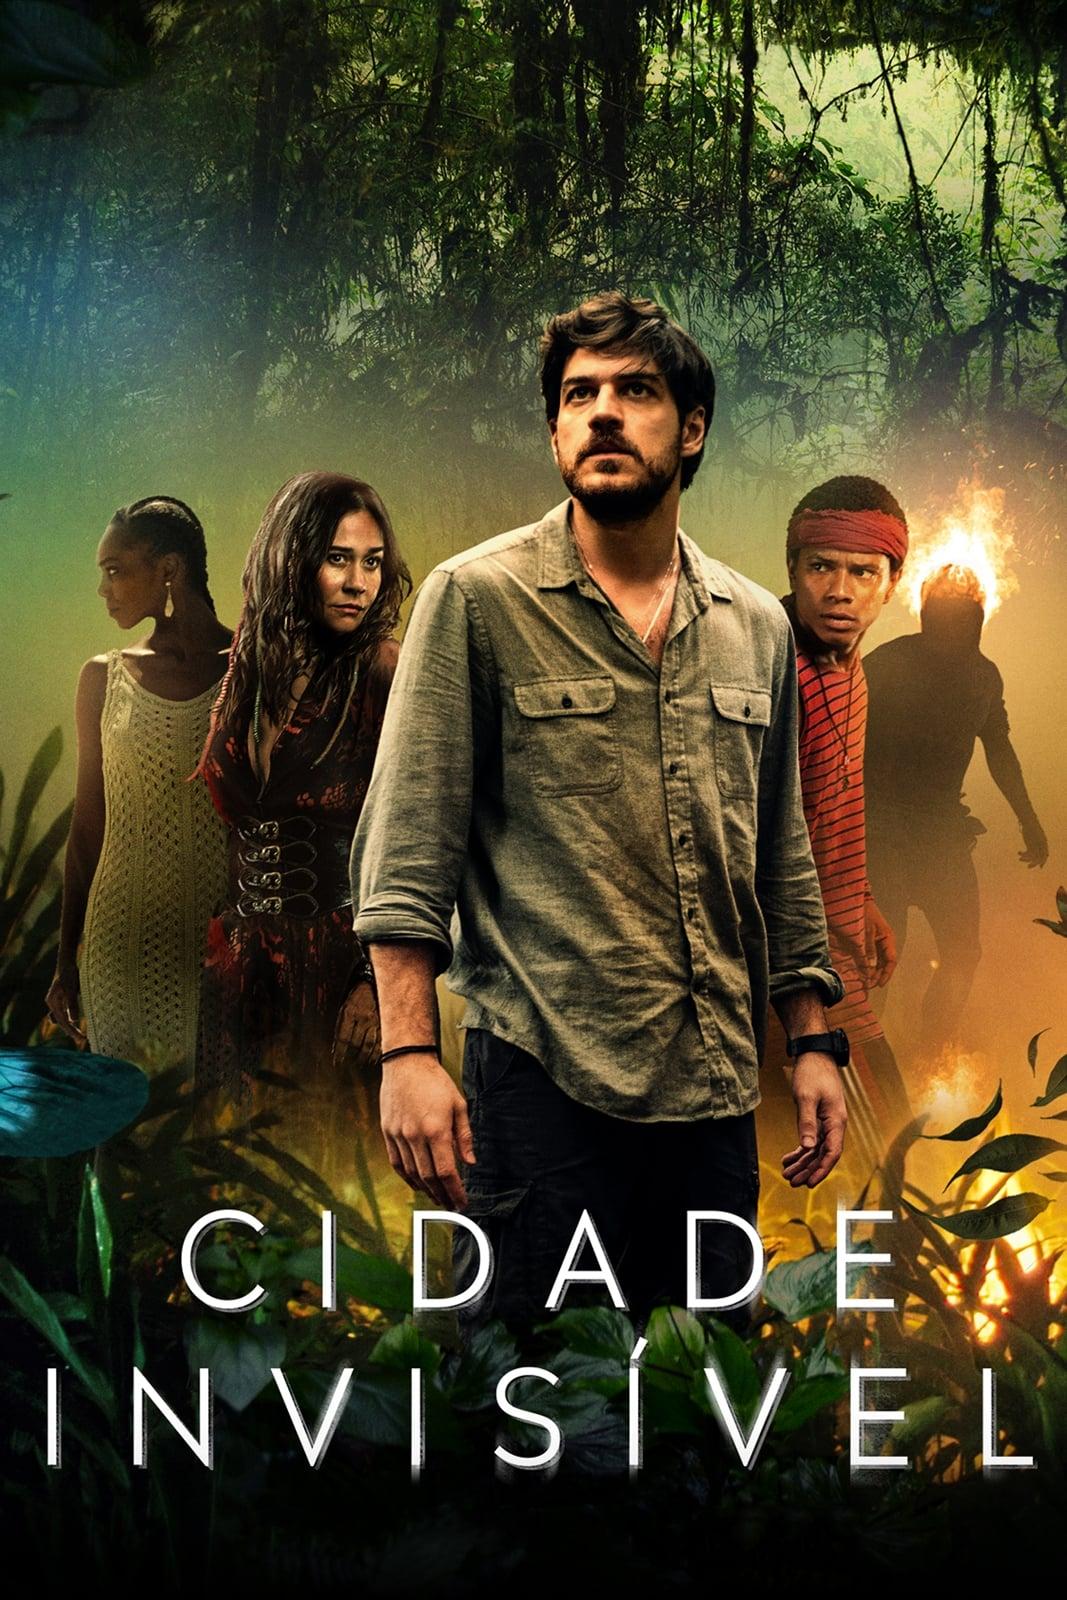 Ciudad invisible poster